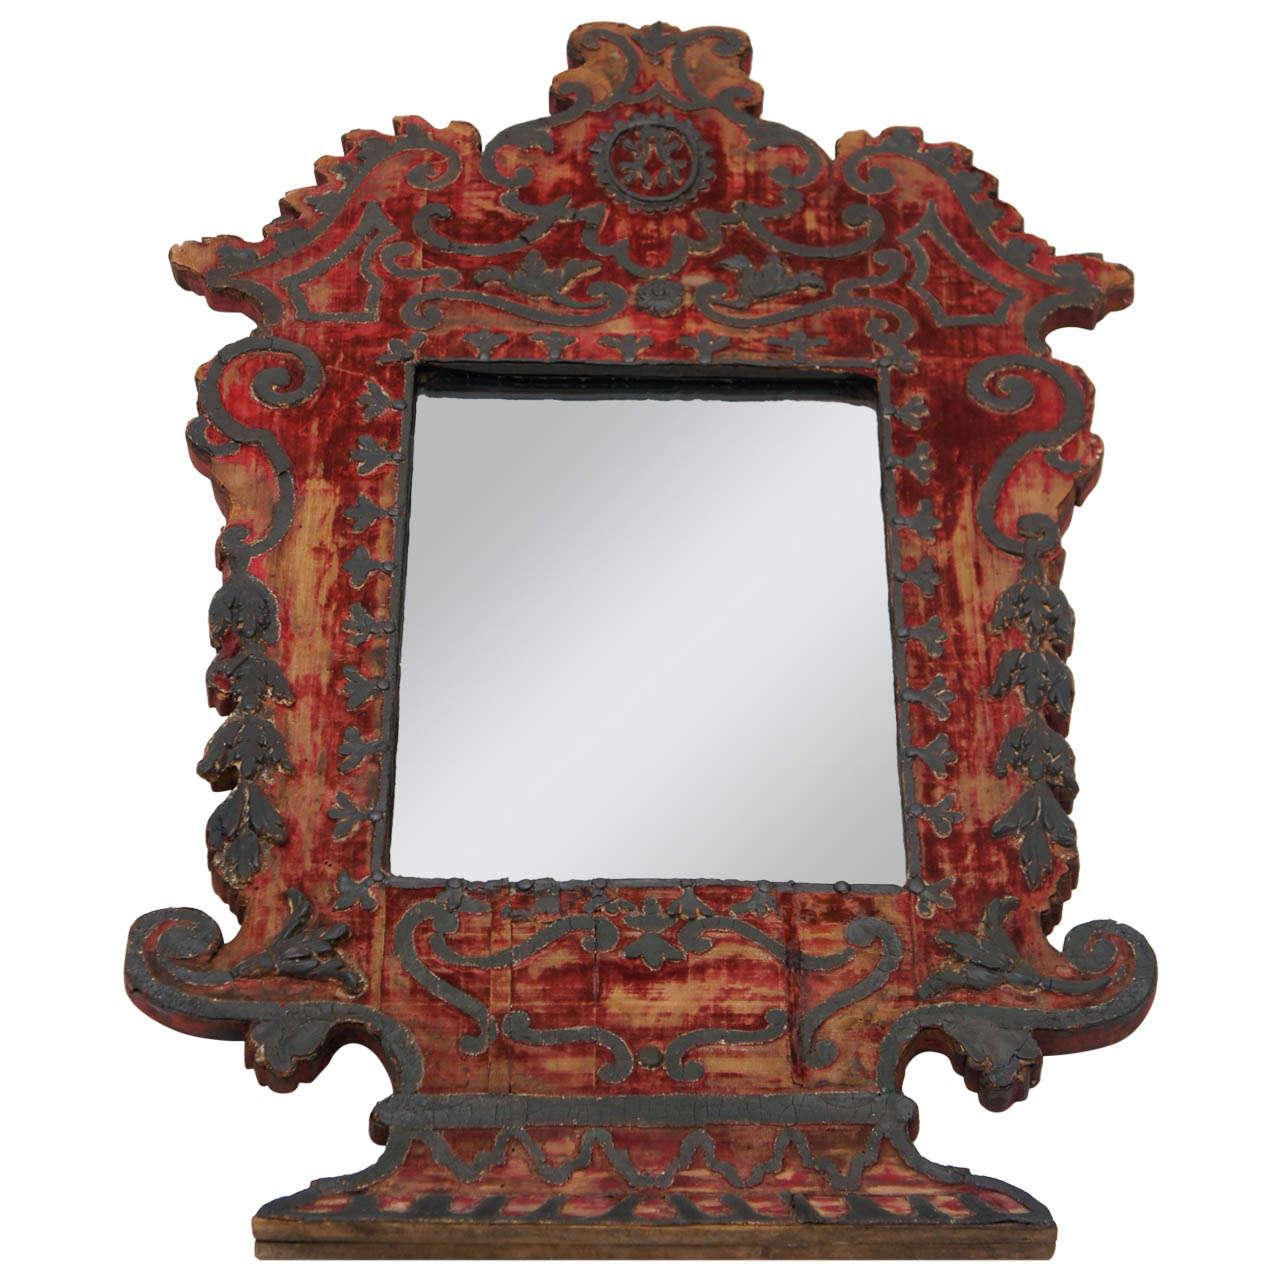 Italian baroque mirror c 1650 tony duquette provenance for Italian baroque mirror